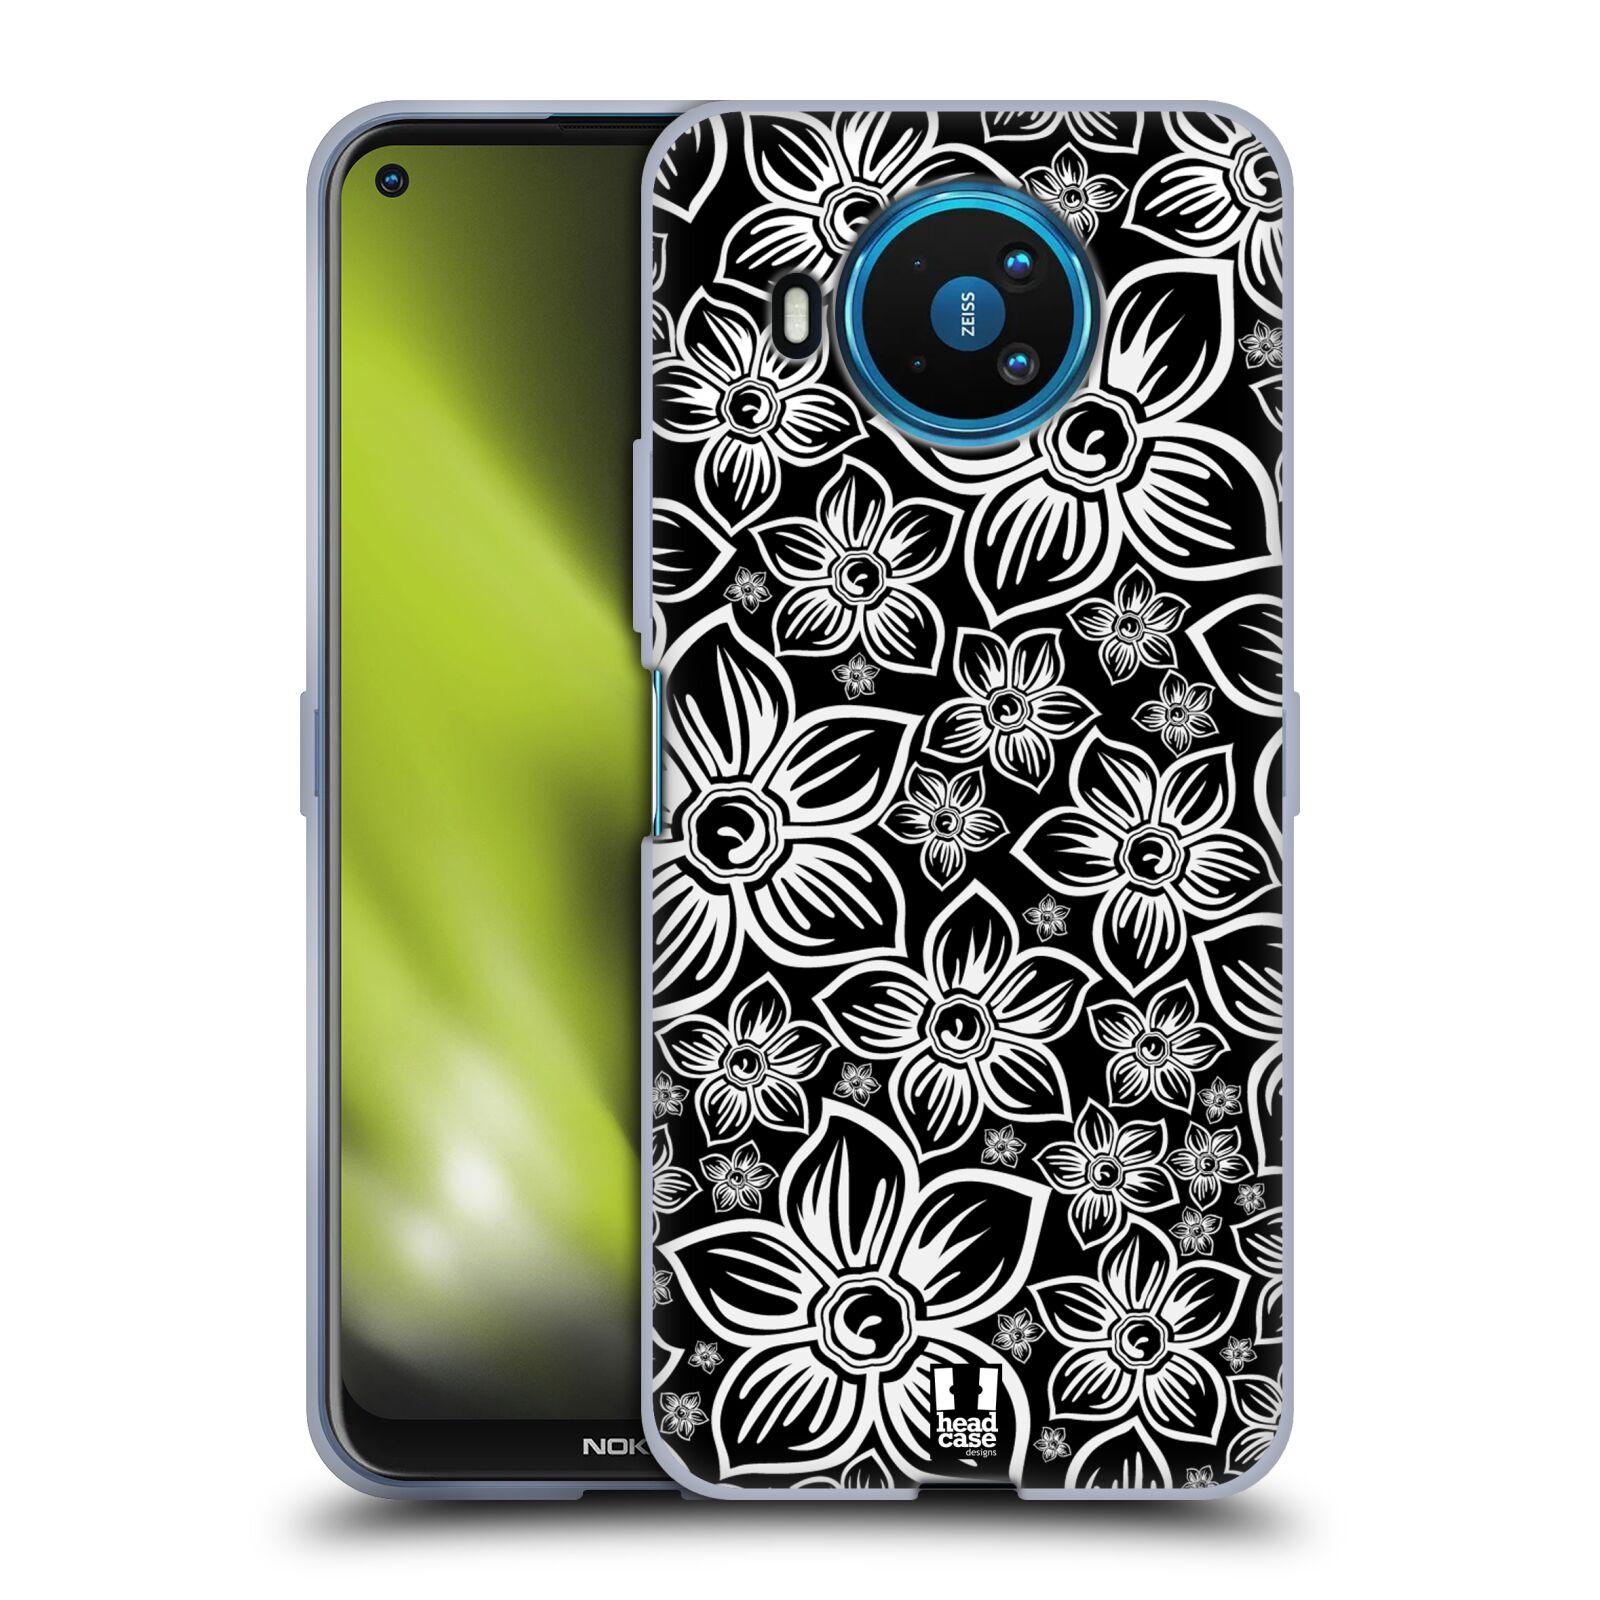 Silikonové pouzdro na mobil Nokia 8.3 5G - Head Case - FLORAL DAISY